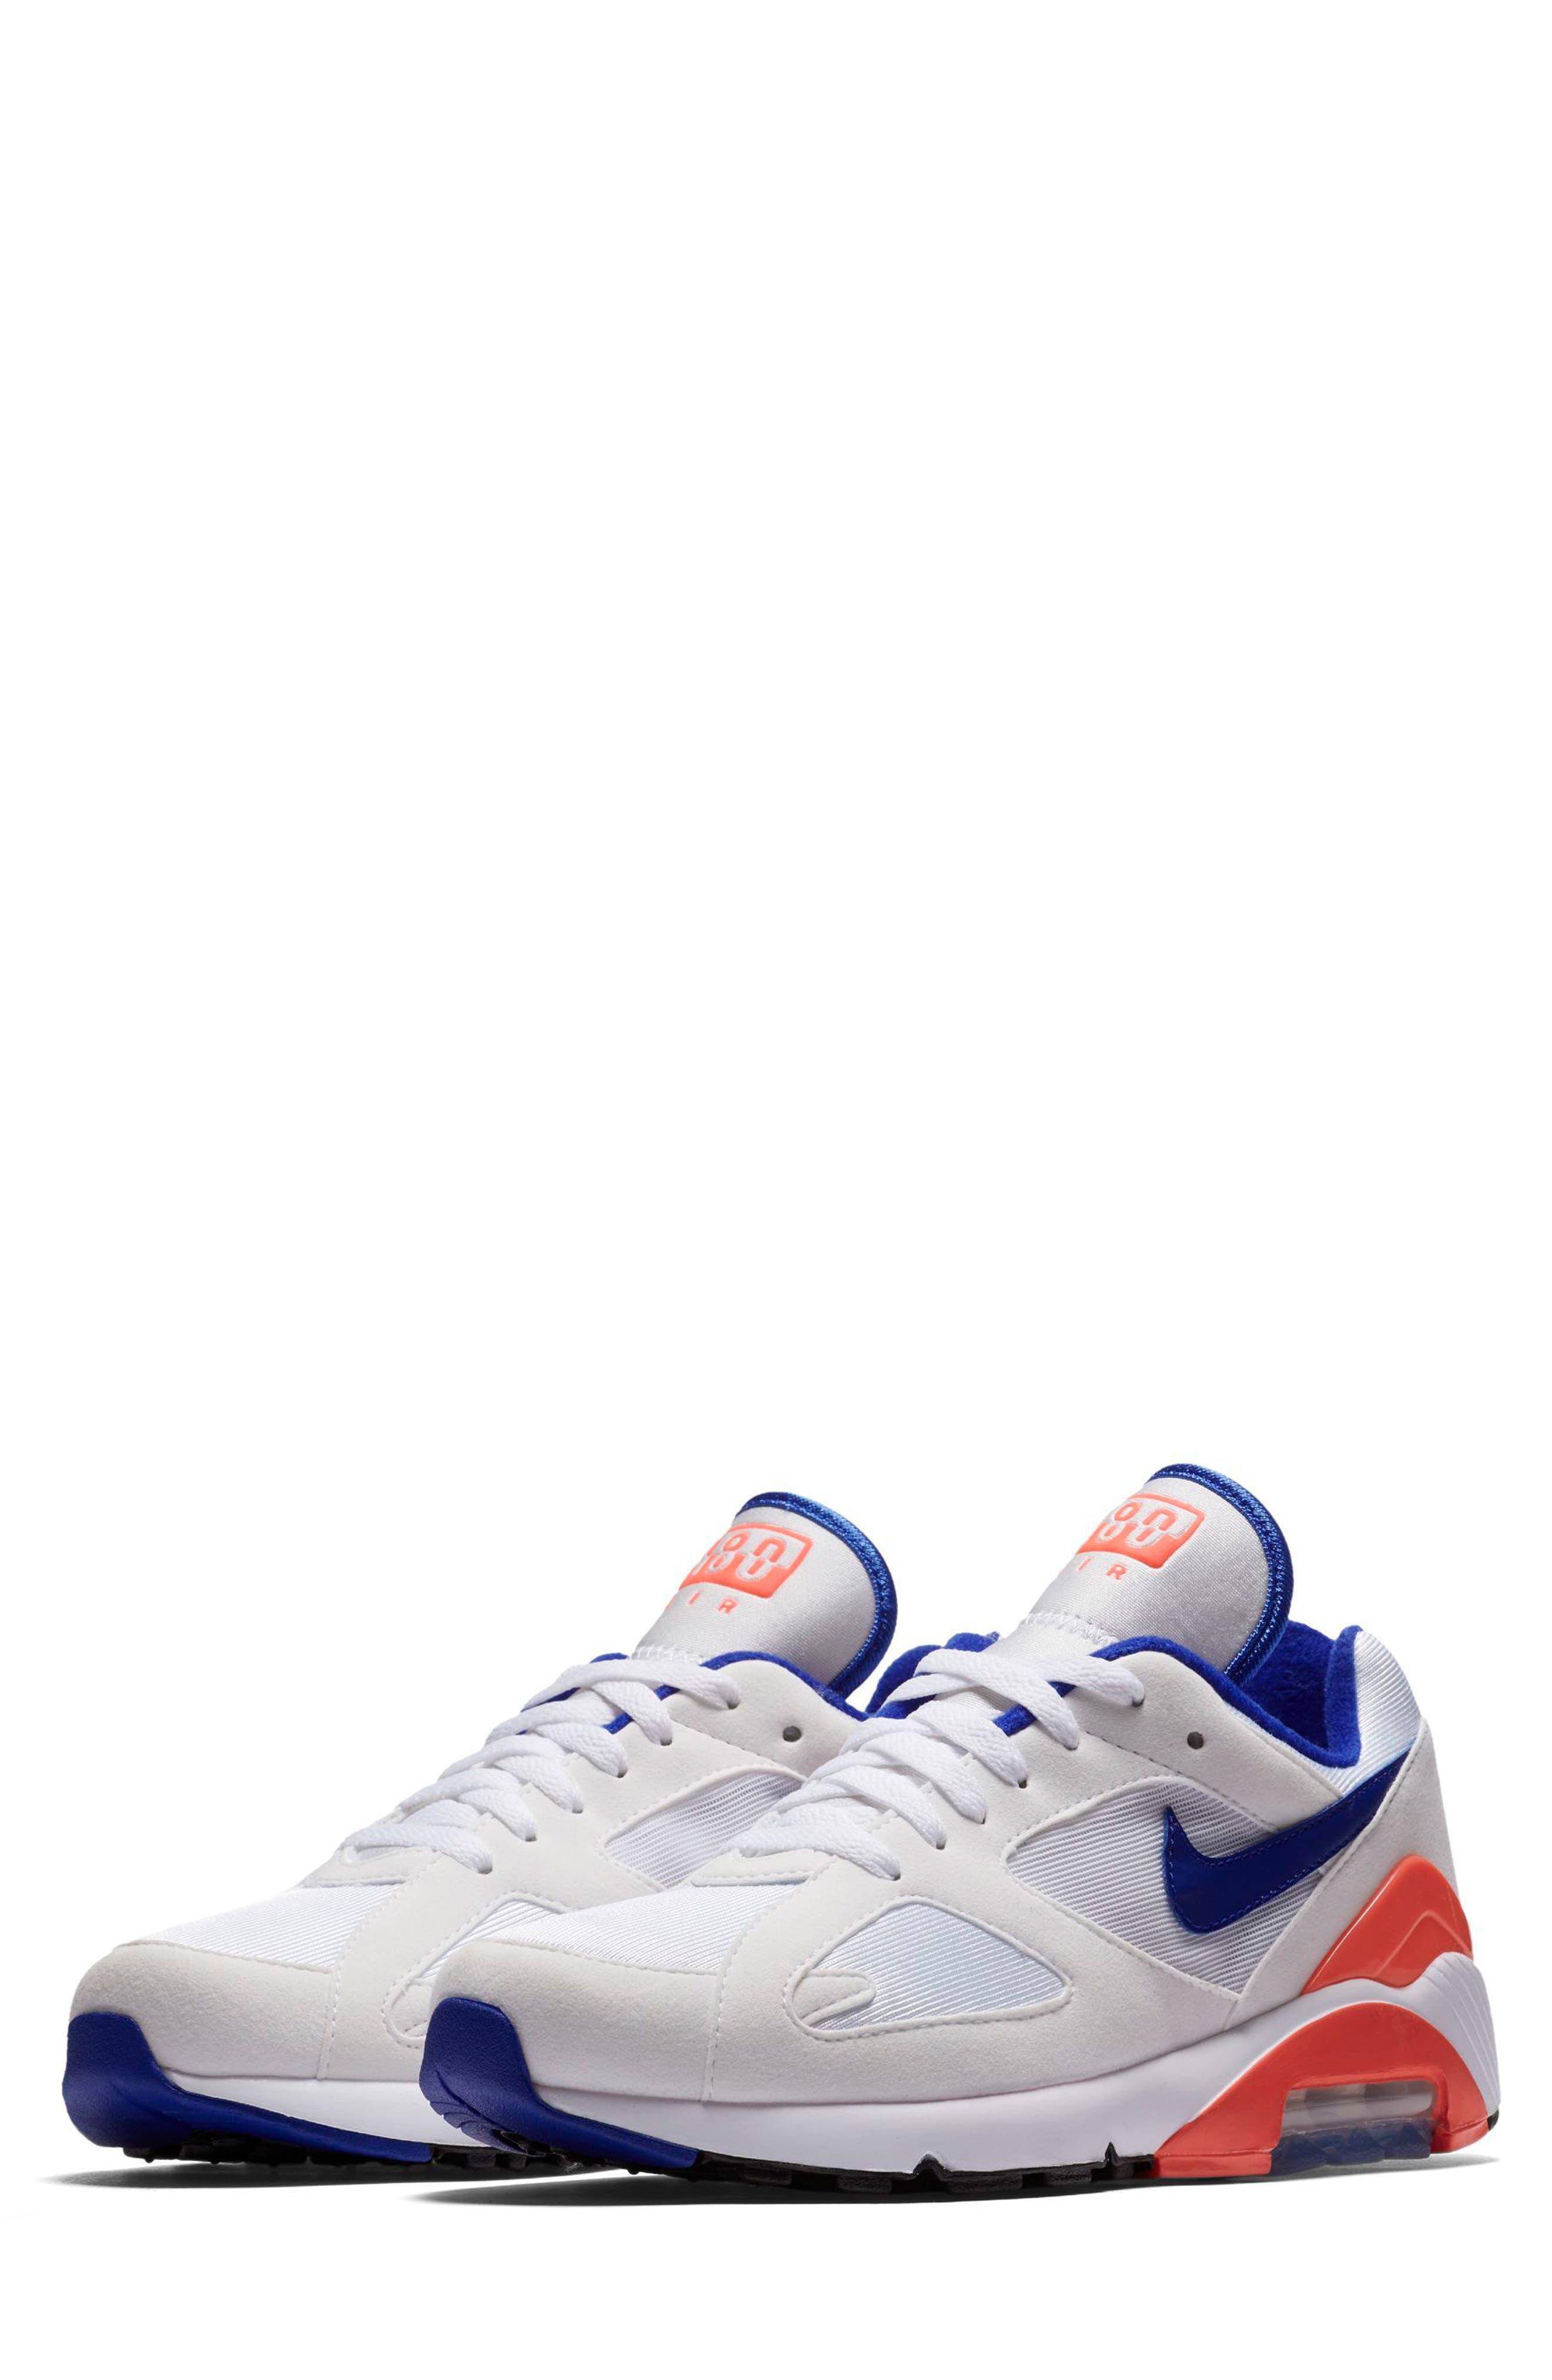 Alternate Image 1 Selected - Nike Air Max 180 Sneaker (Women)